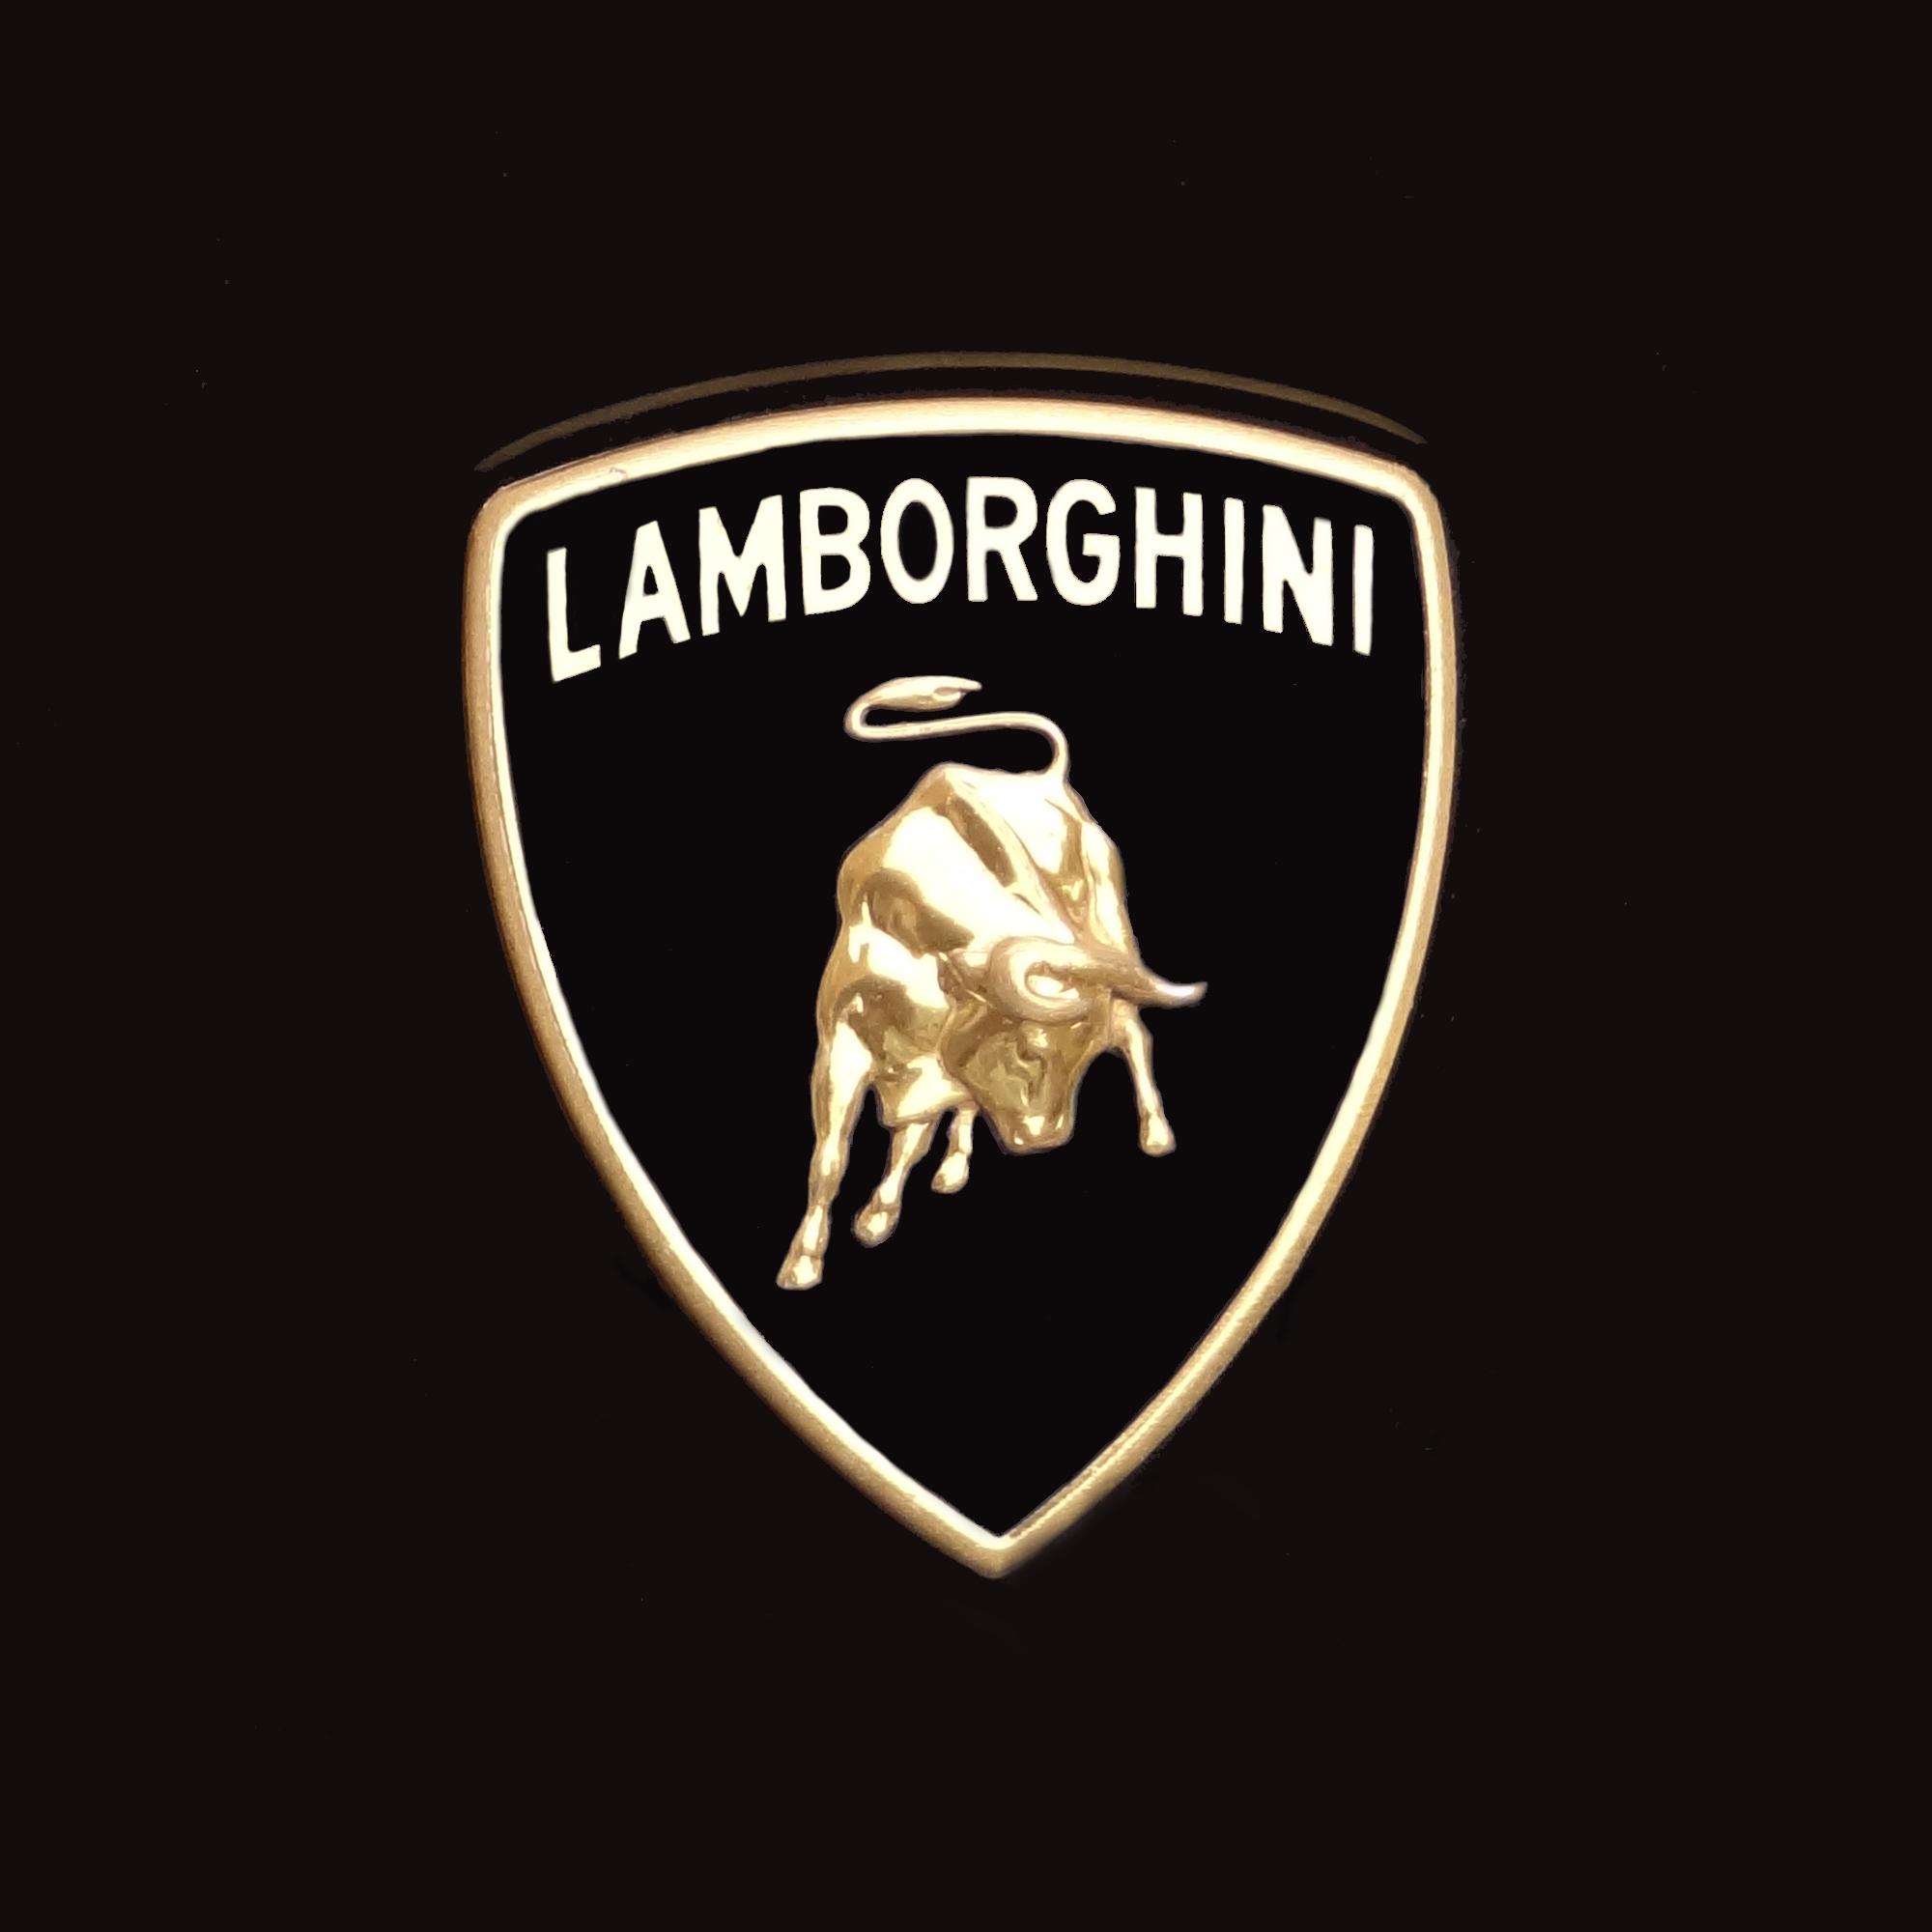 lamborghini - wikipedia, la enciclopedia libre